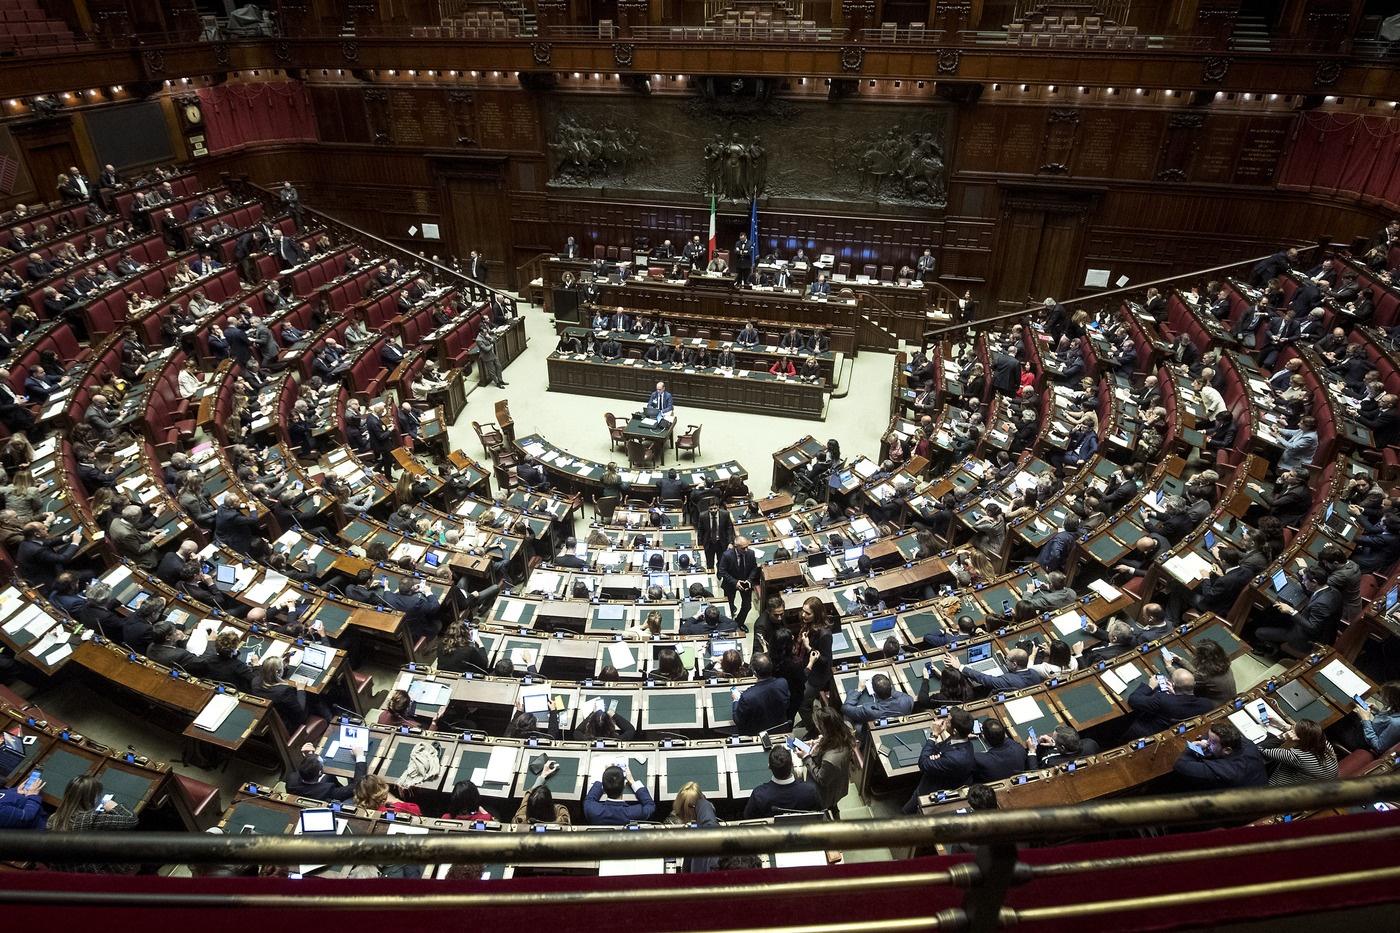 Il referendum sul taglio dei parlamentari verrà rinviato?